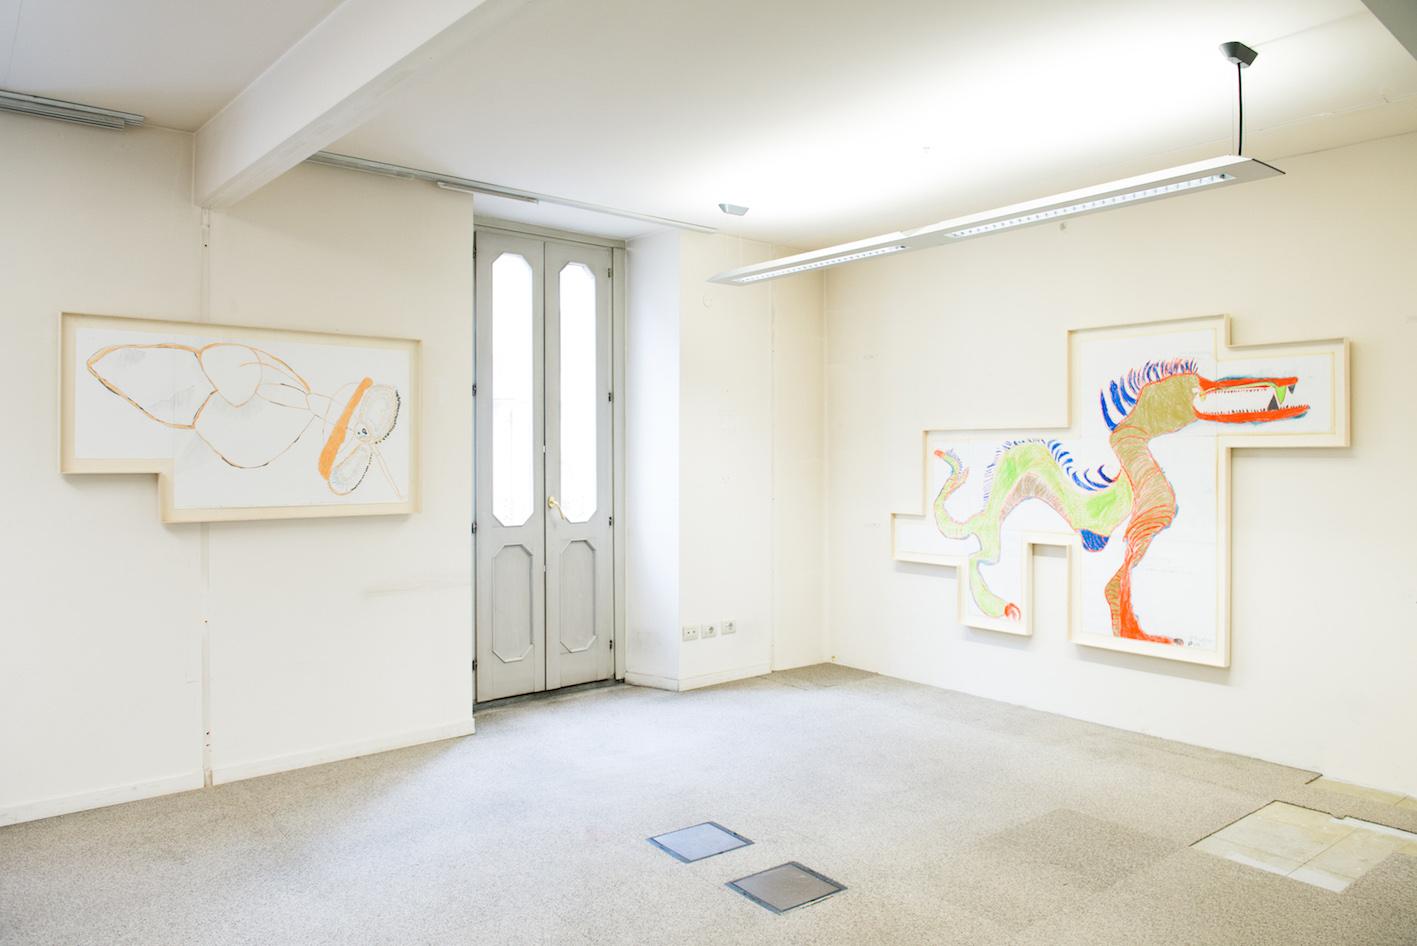 Uomini come Cibo - Atelier dell'Errore, Milano